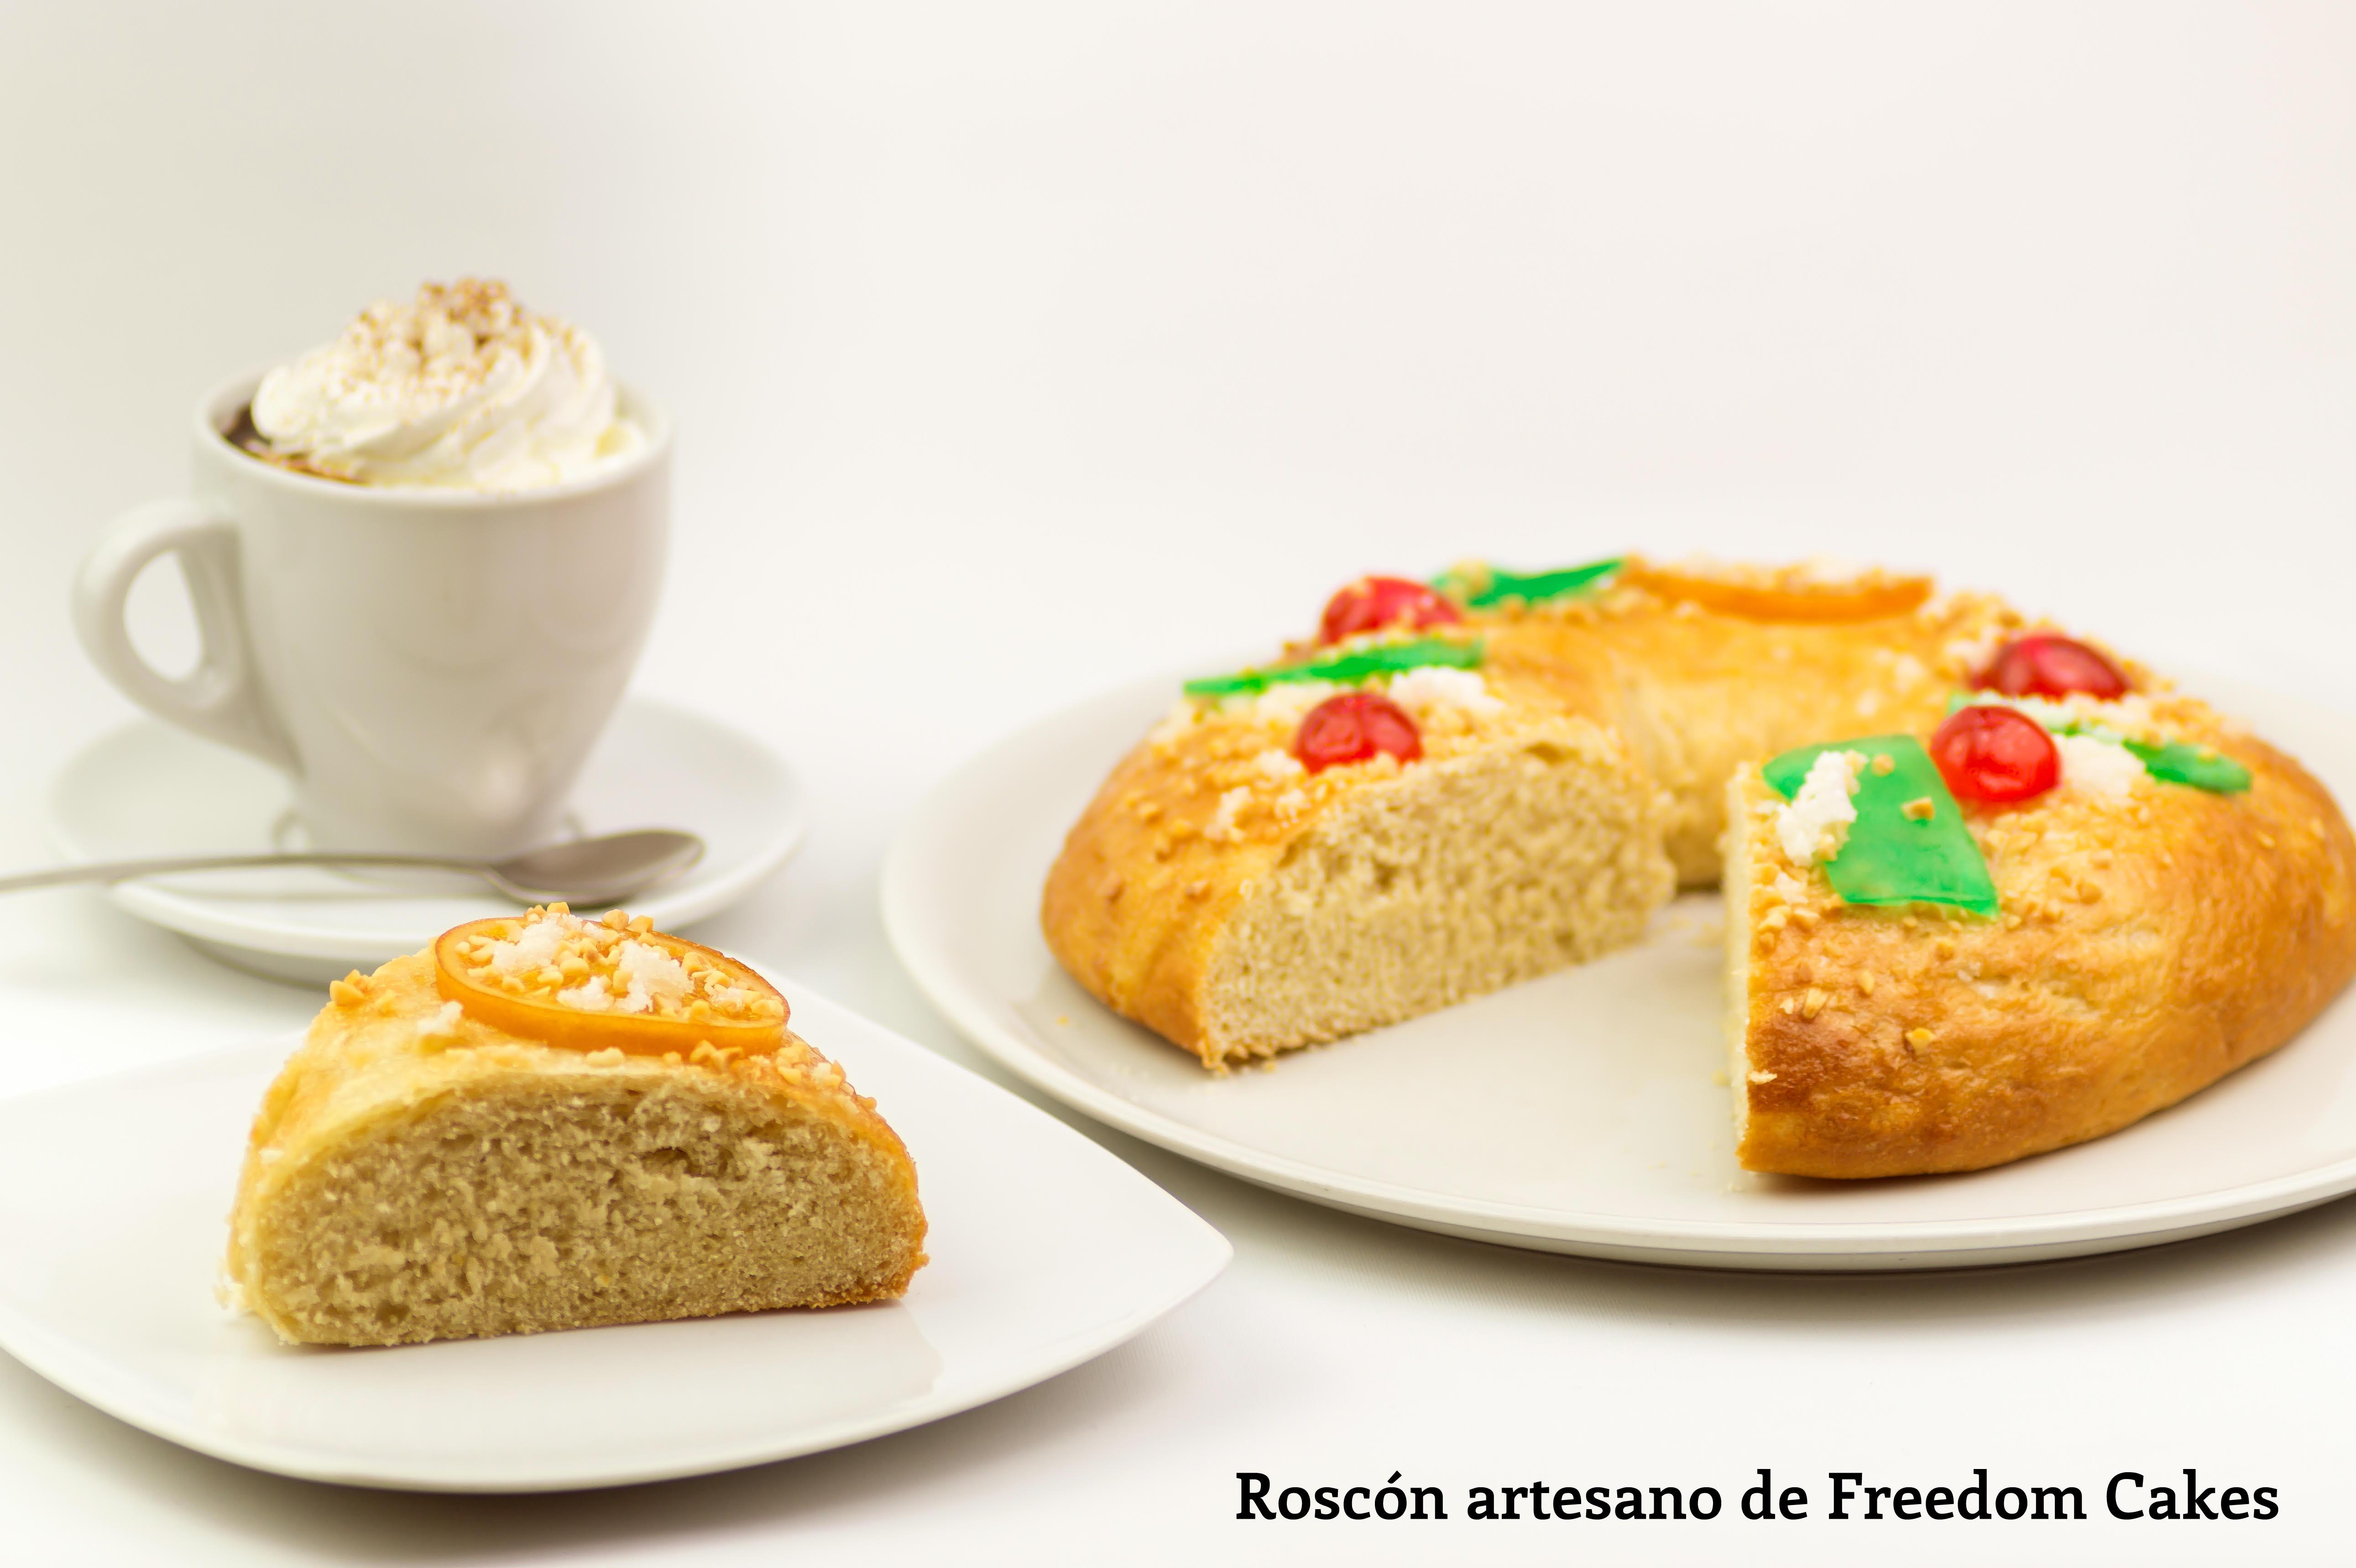 roscón relleno de nata de Freedom Cakes